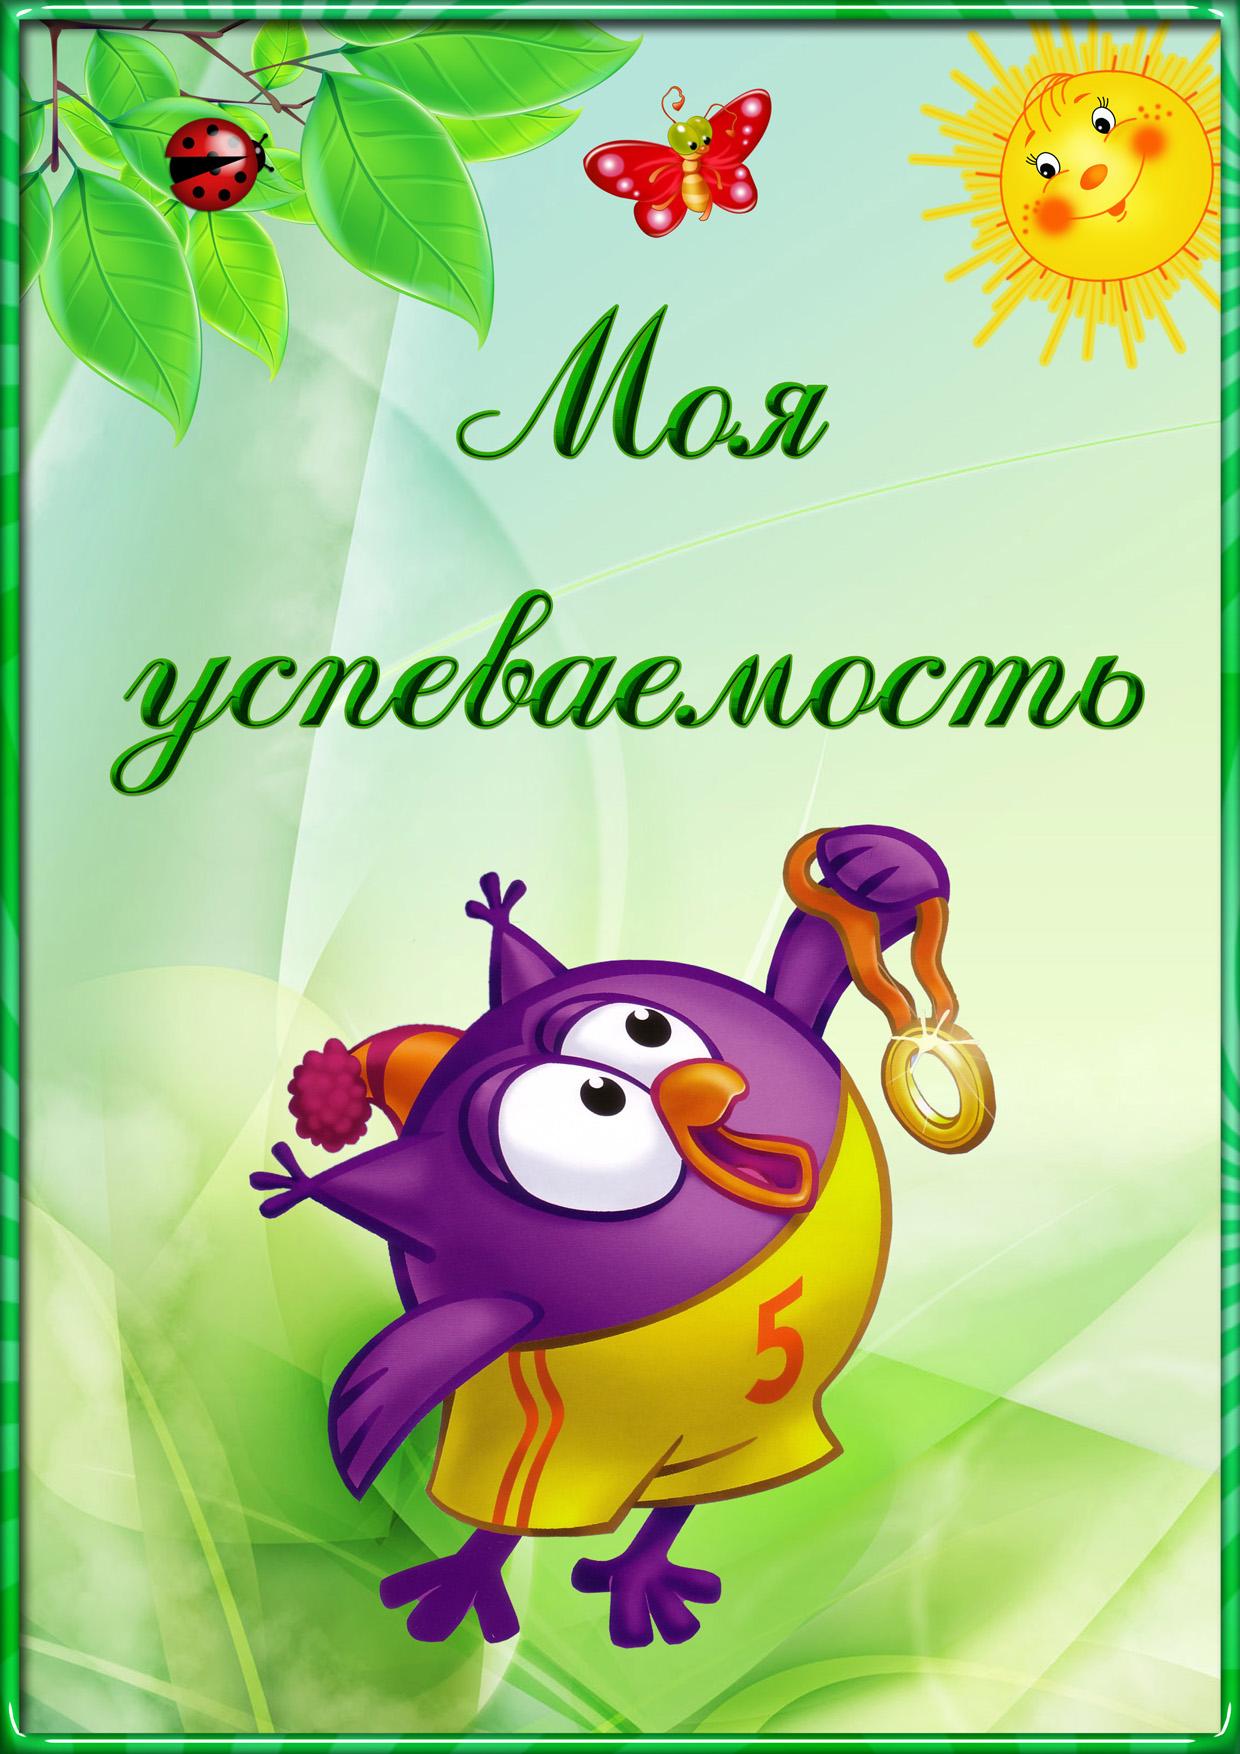 http://womensnote.ru/image/22_portfolio_shkola.jpg